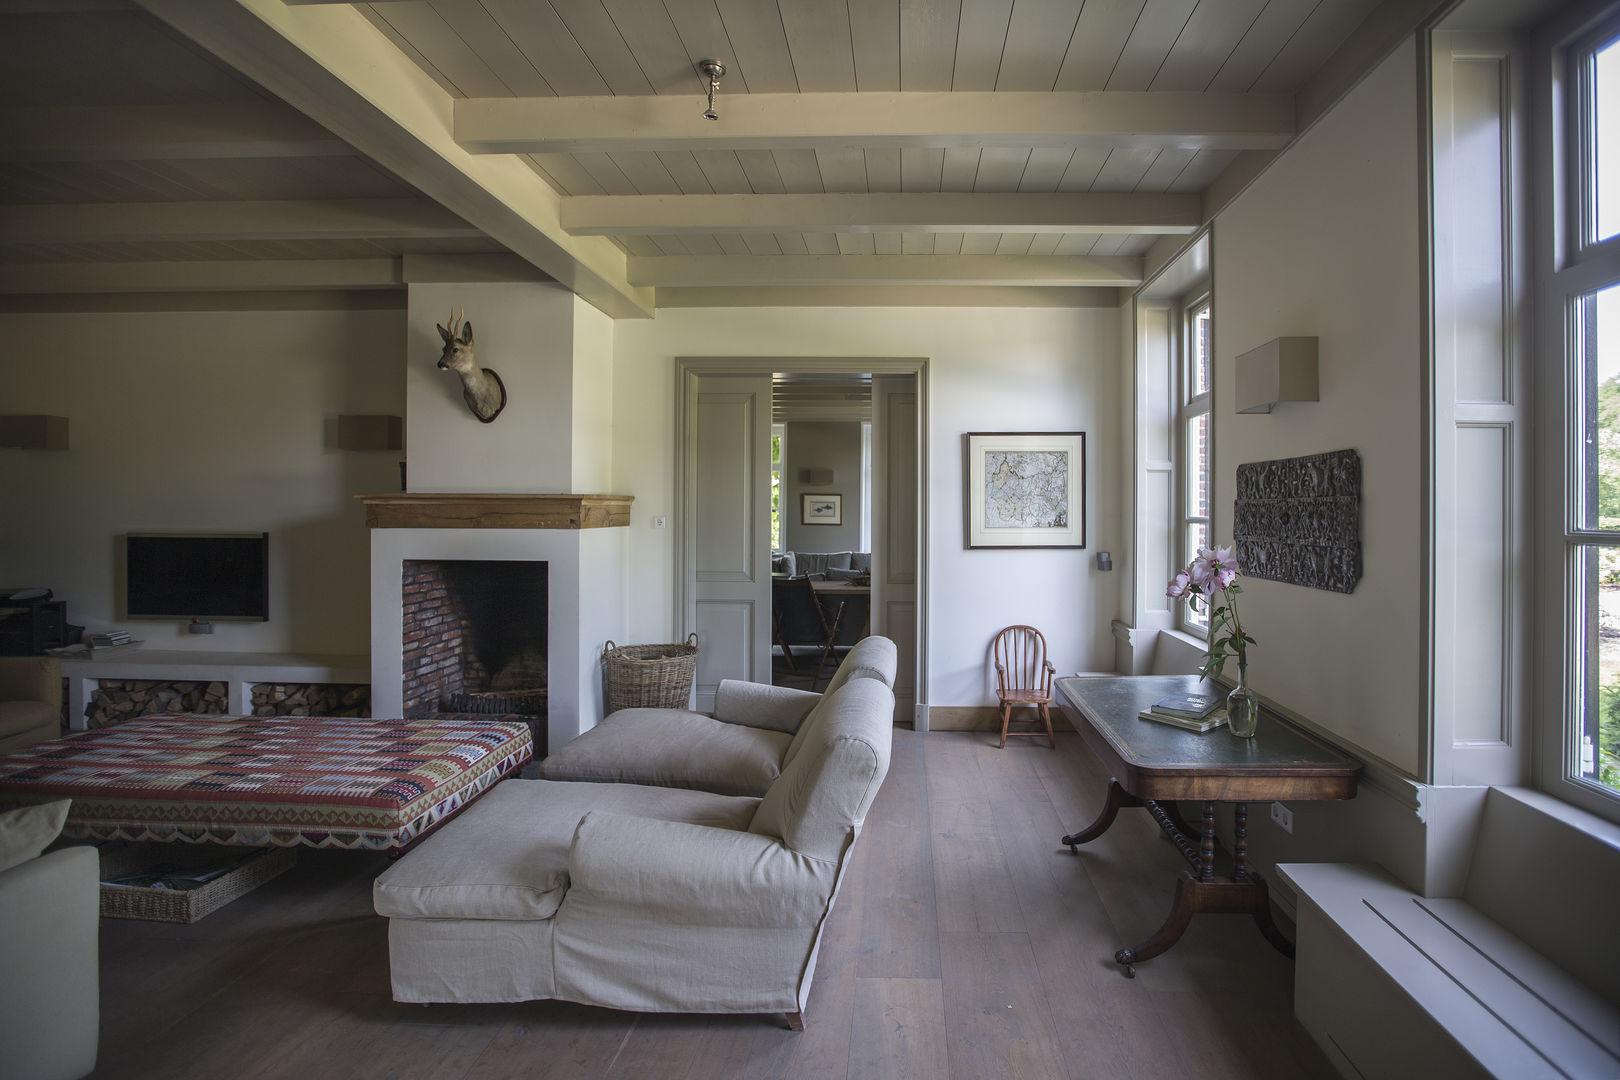 гостиная окна откосы деревянный пол диван столик камин потолок дерево балки